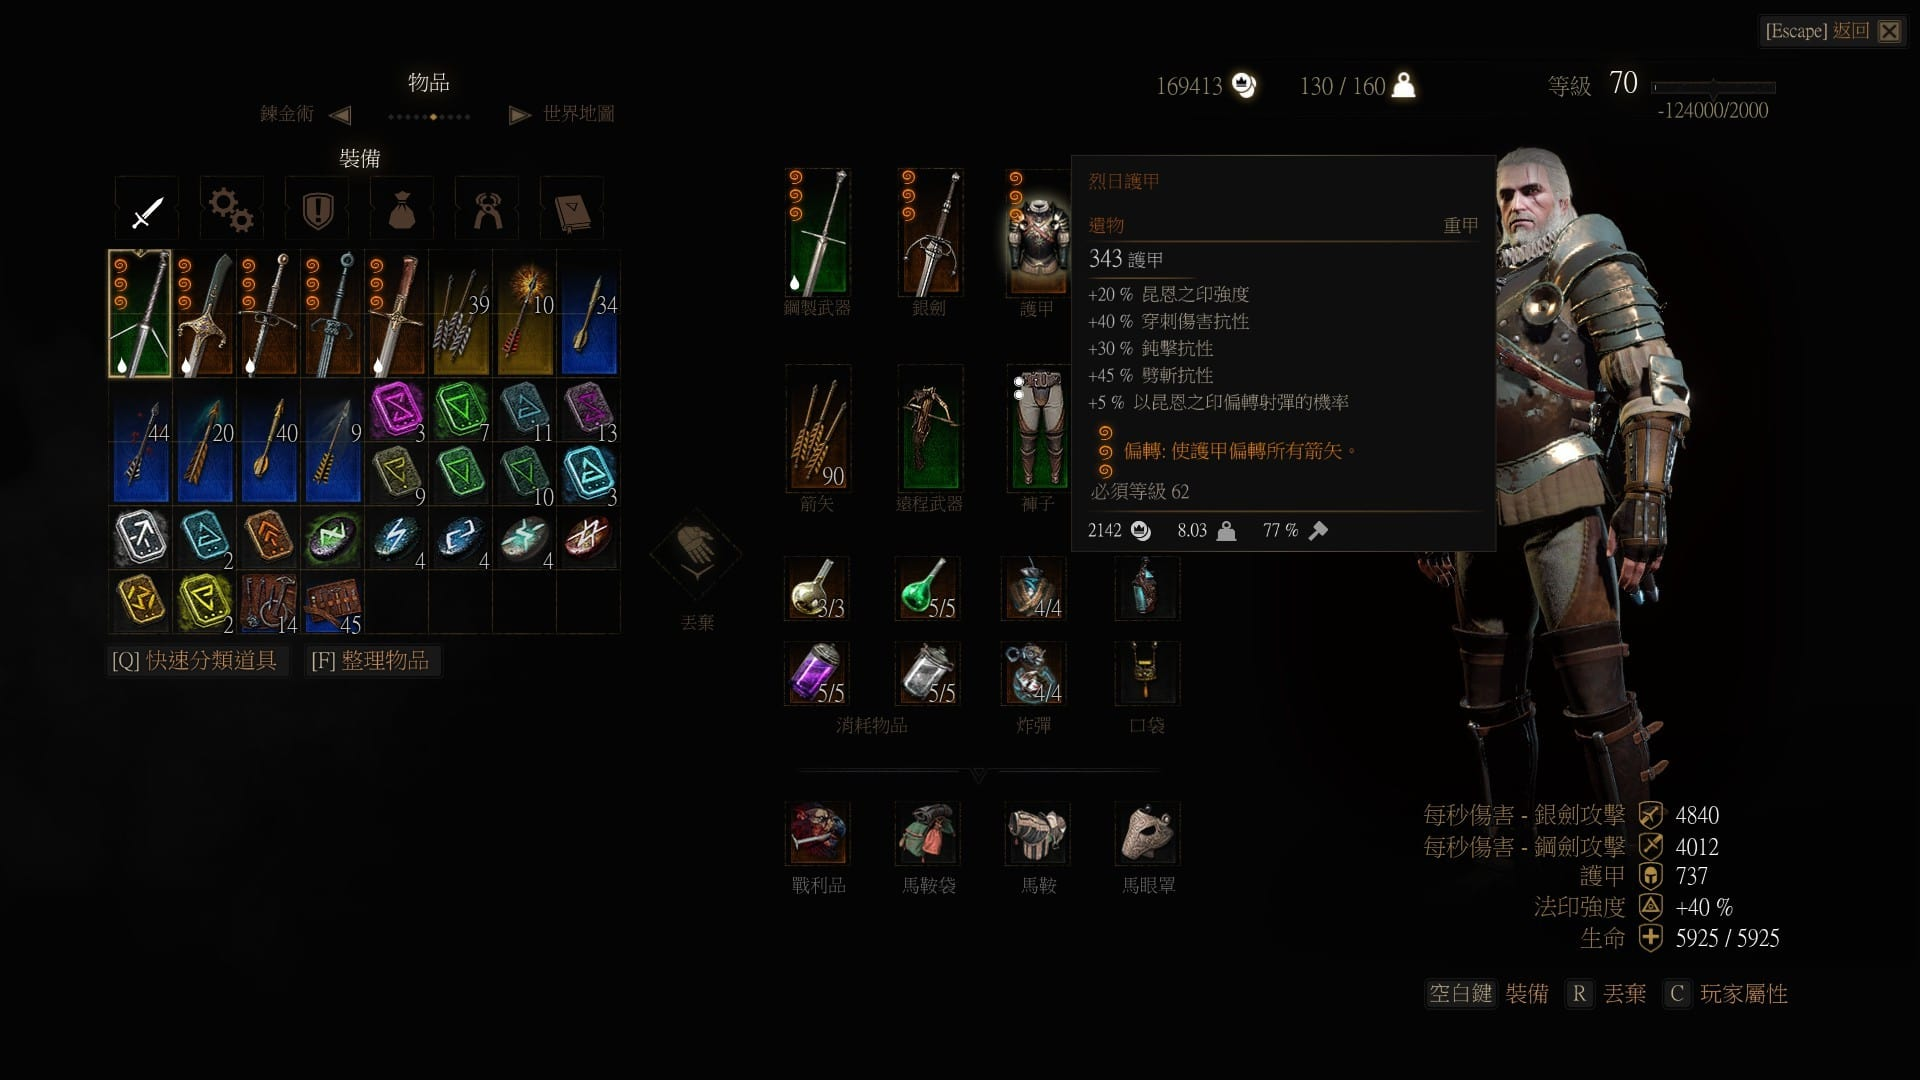 巫師3 無腦刷衛兵方法詳解 怎麼刷衛兵